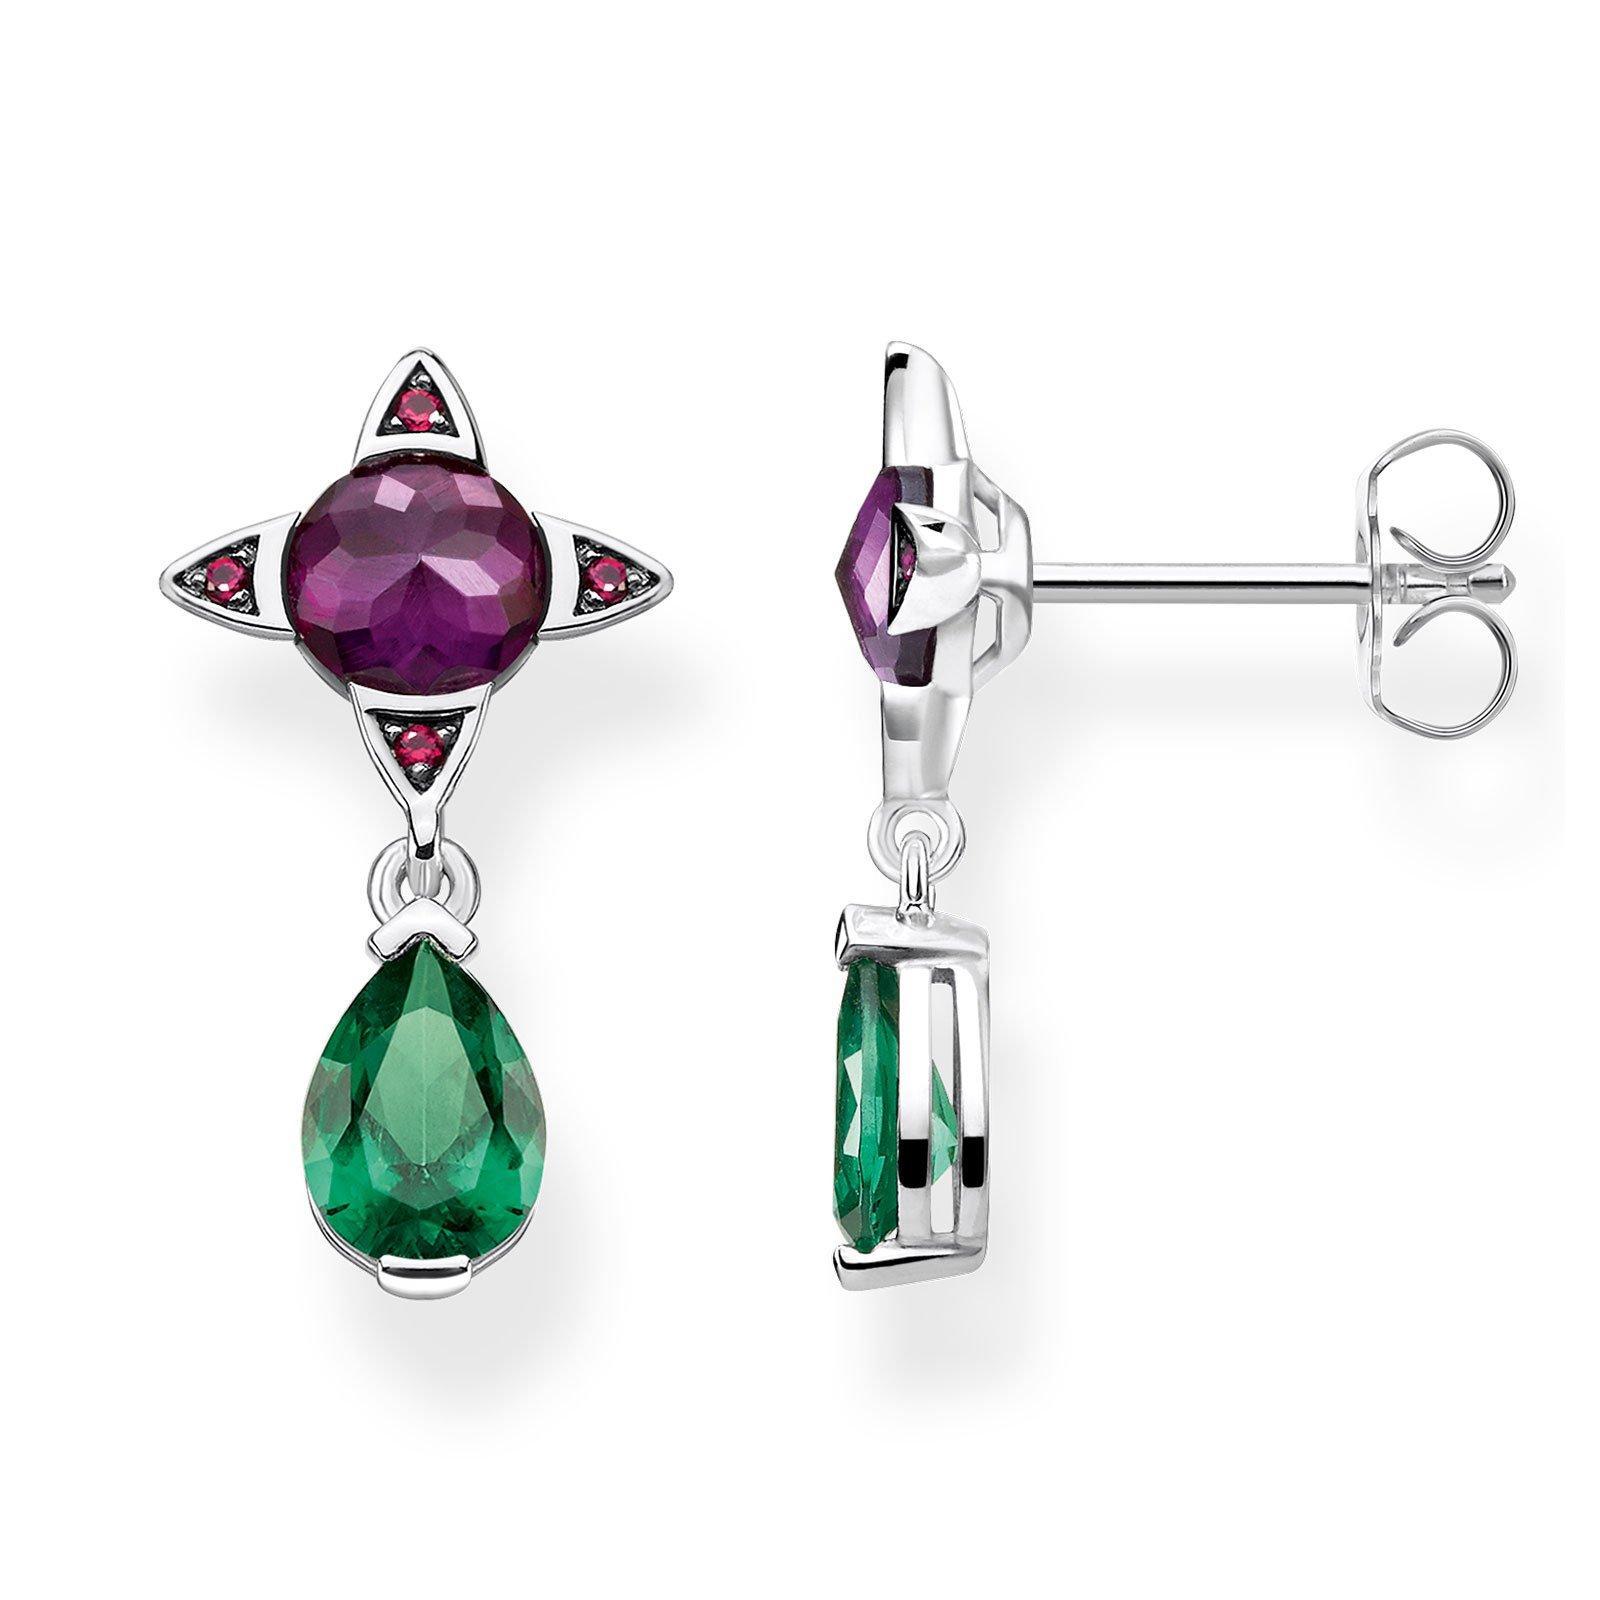 Thomas Sabo Silver Colour Drop Earrings